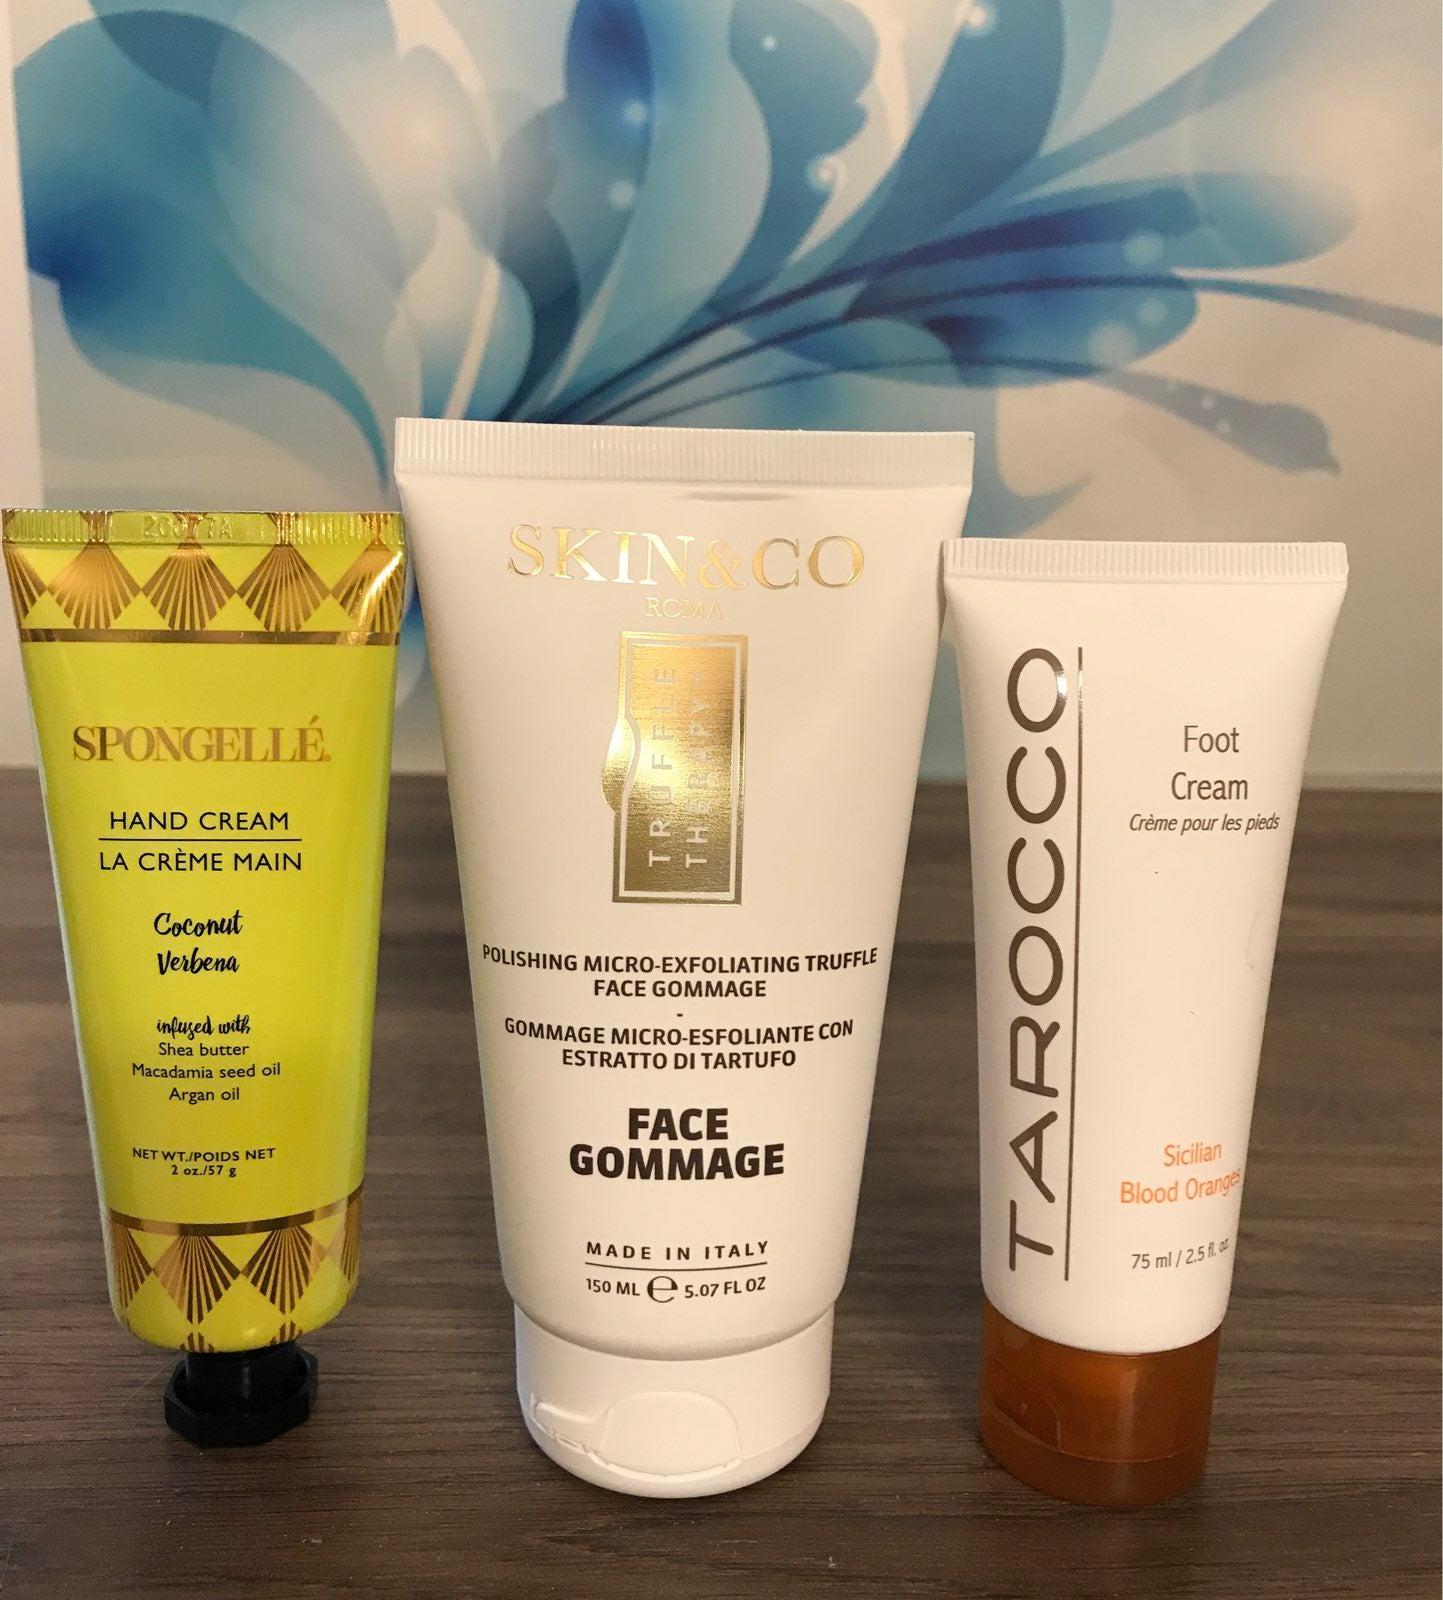 Spongelle, Tarocco & Skin & Co